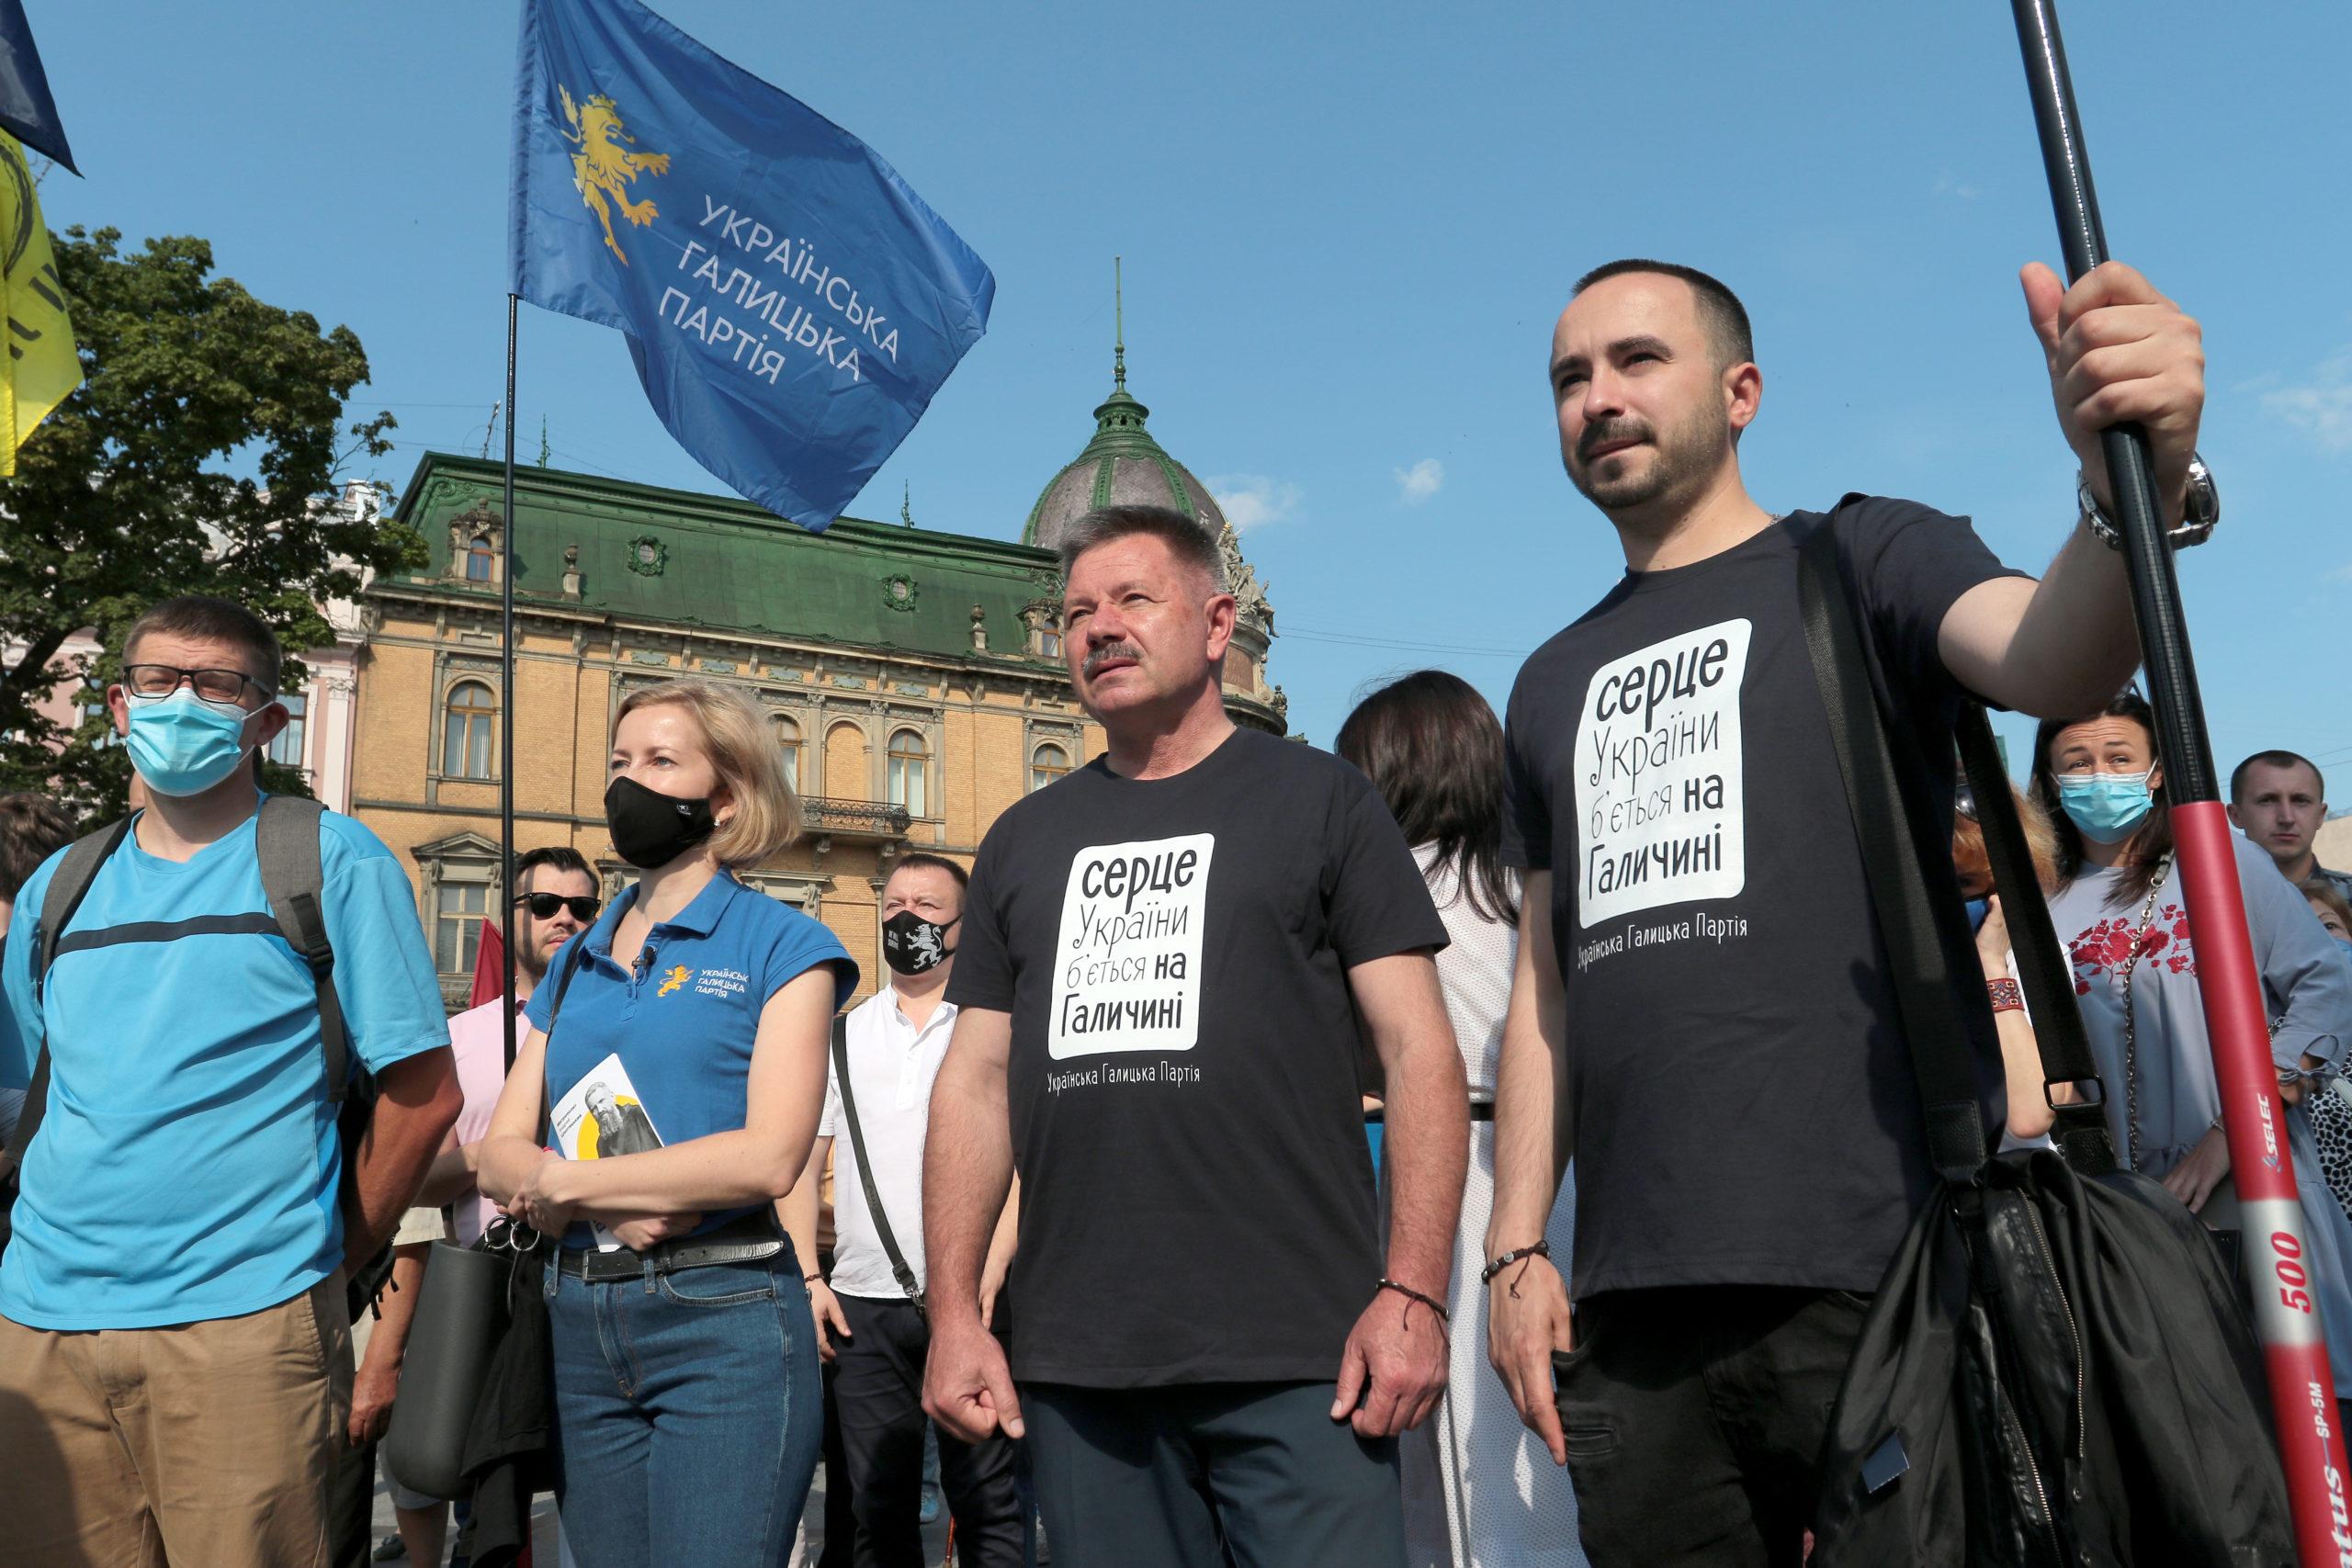 aktsiya-zastupys-za-ukrayinsku-vyhod-na-ploshhu-lviv-16-lypnya-2020-3